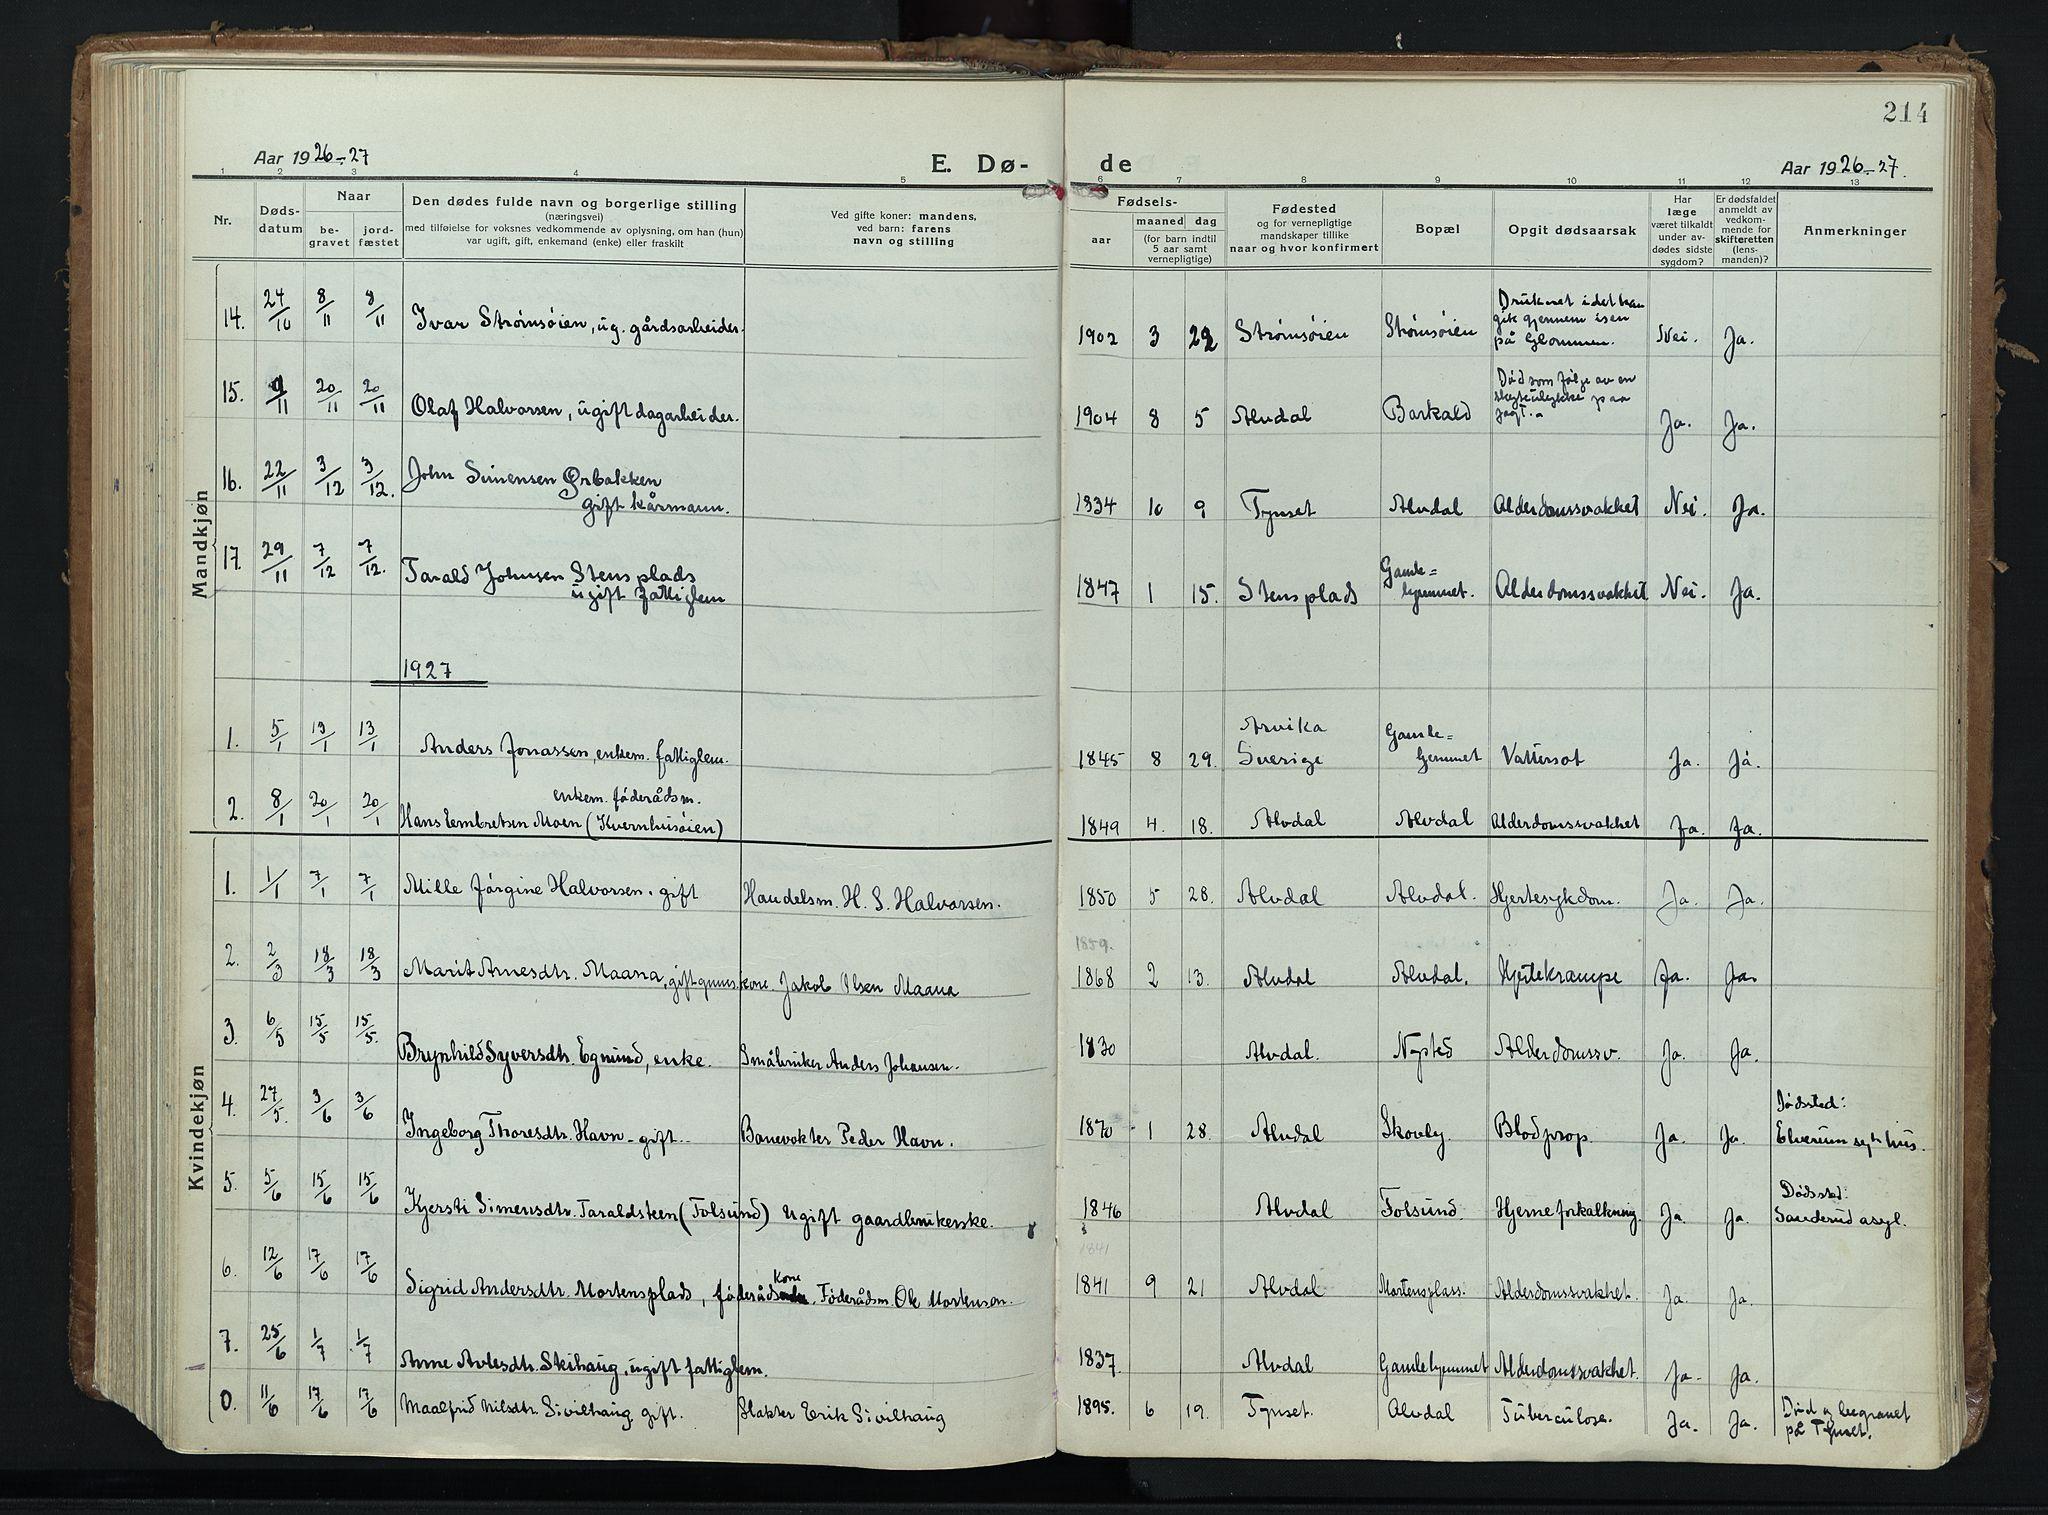 SAH, Alvdal prestekontor, Ministerialbok nr. 6, 1920-1937, s. 214